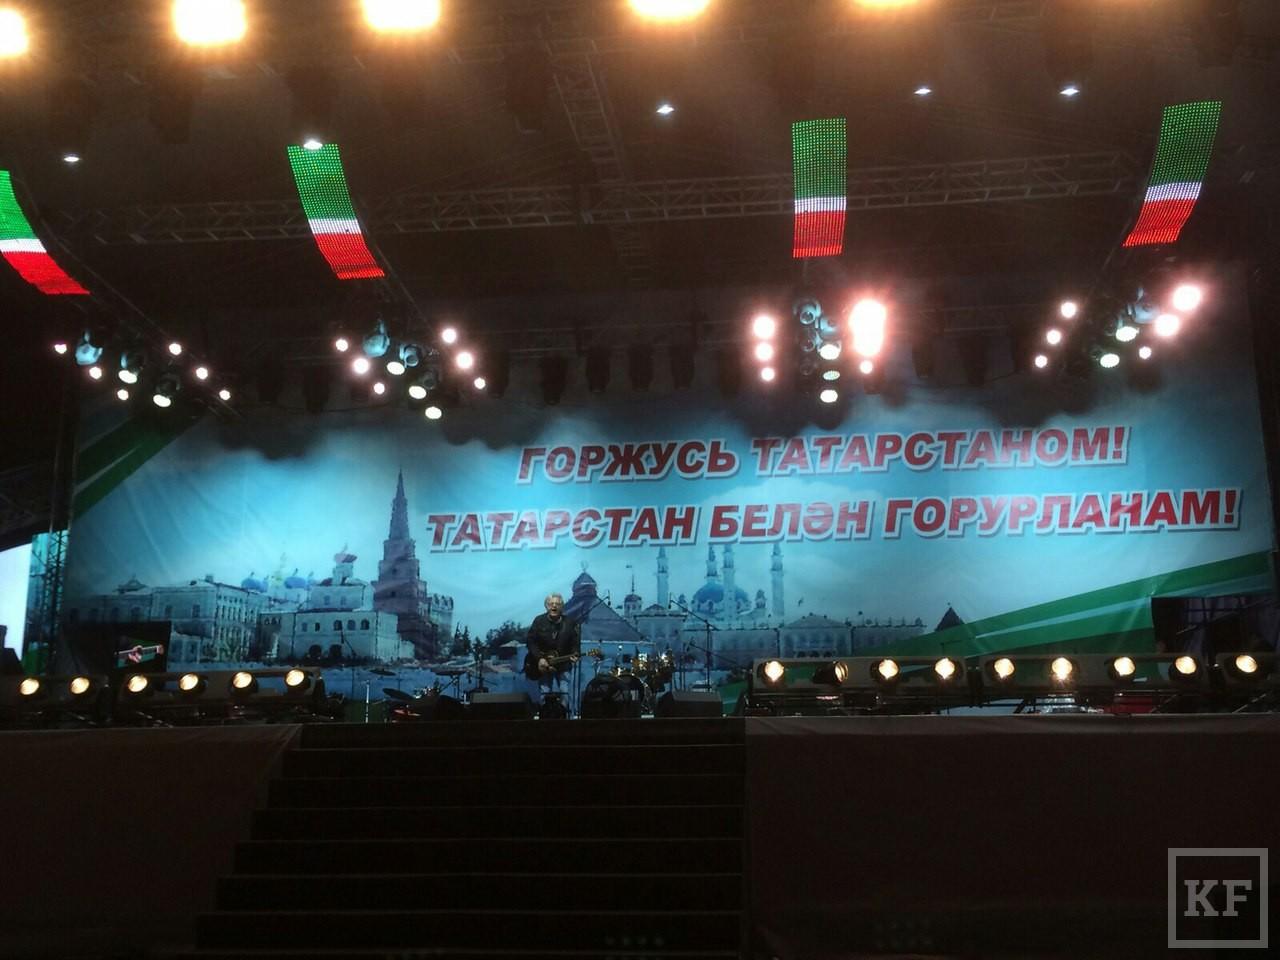 Рустам Минниханов снял праздничный салют в Казани